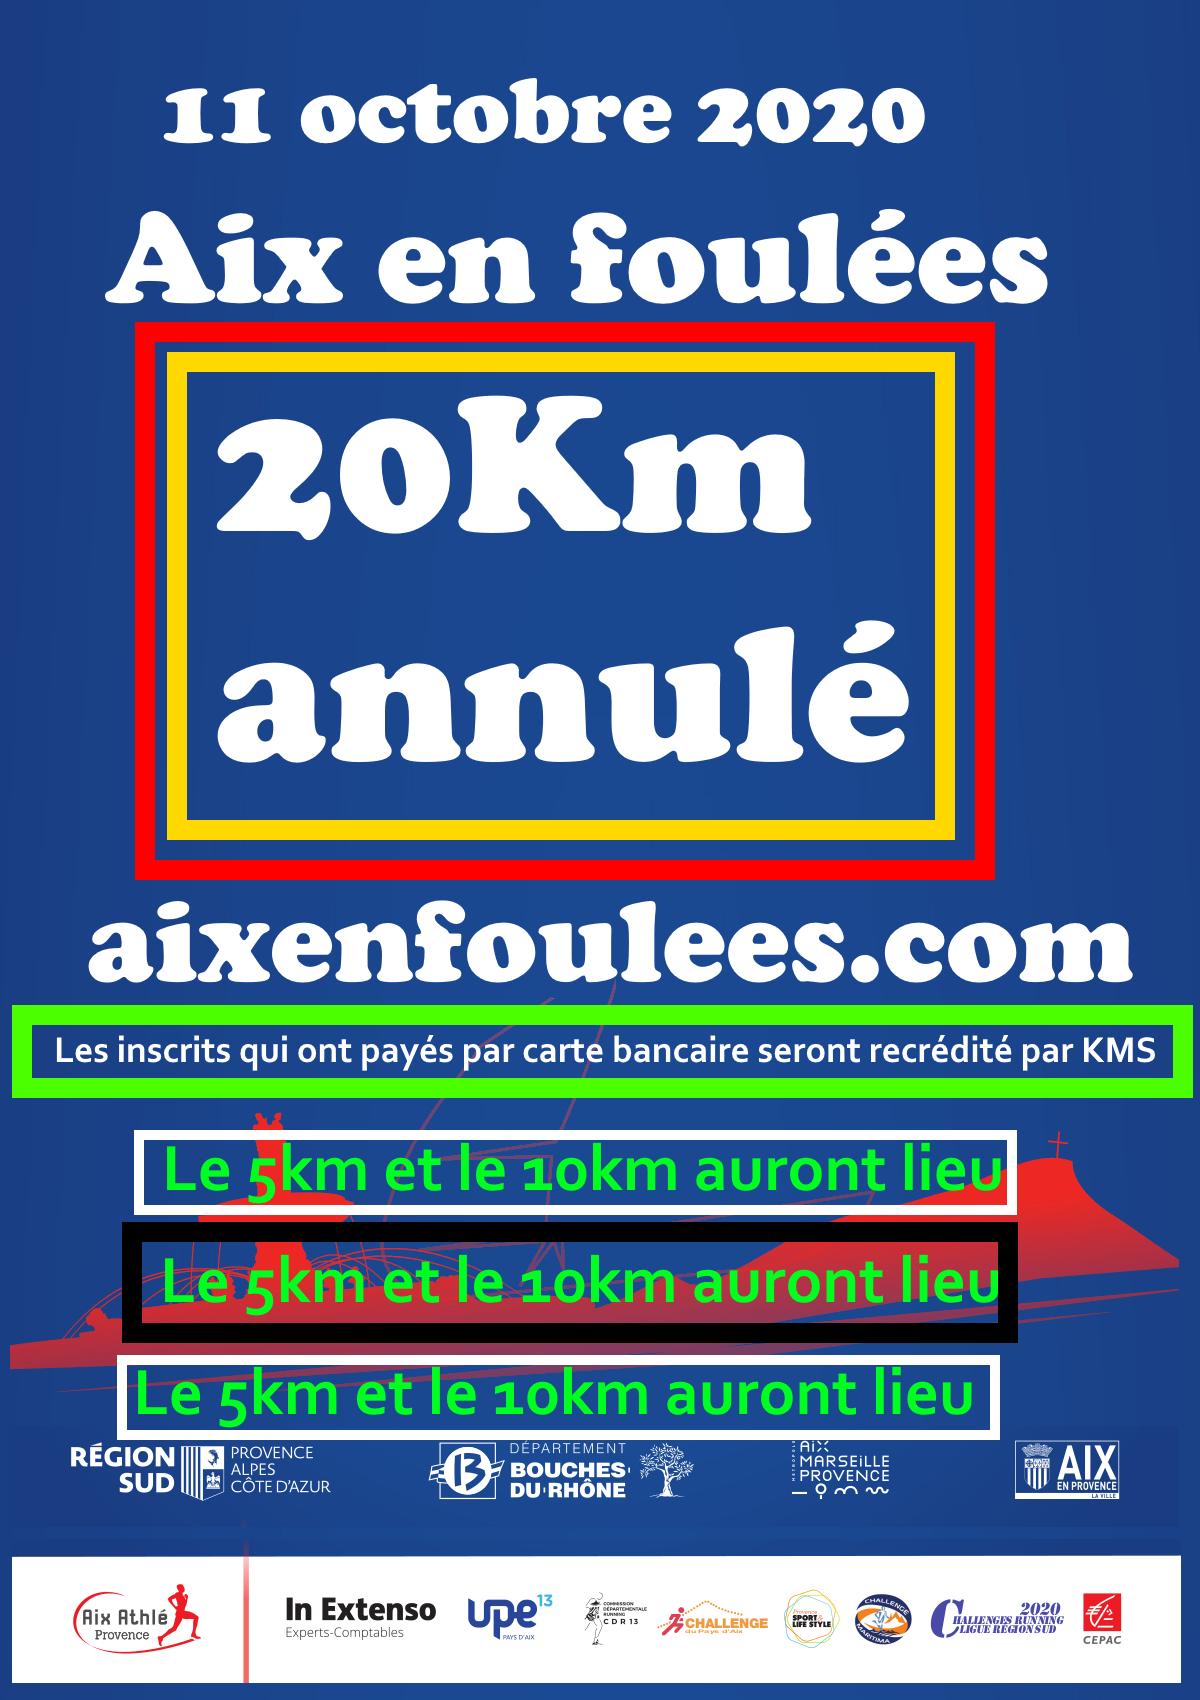 Affiche Aix en Foulées 20Km annulé : 11/10/2020